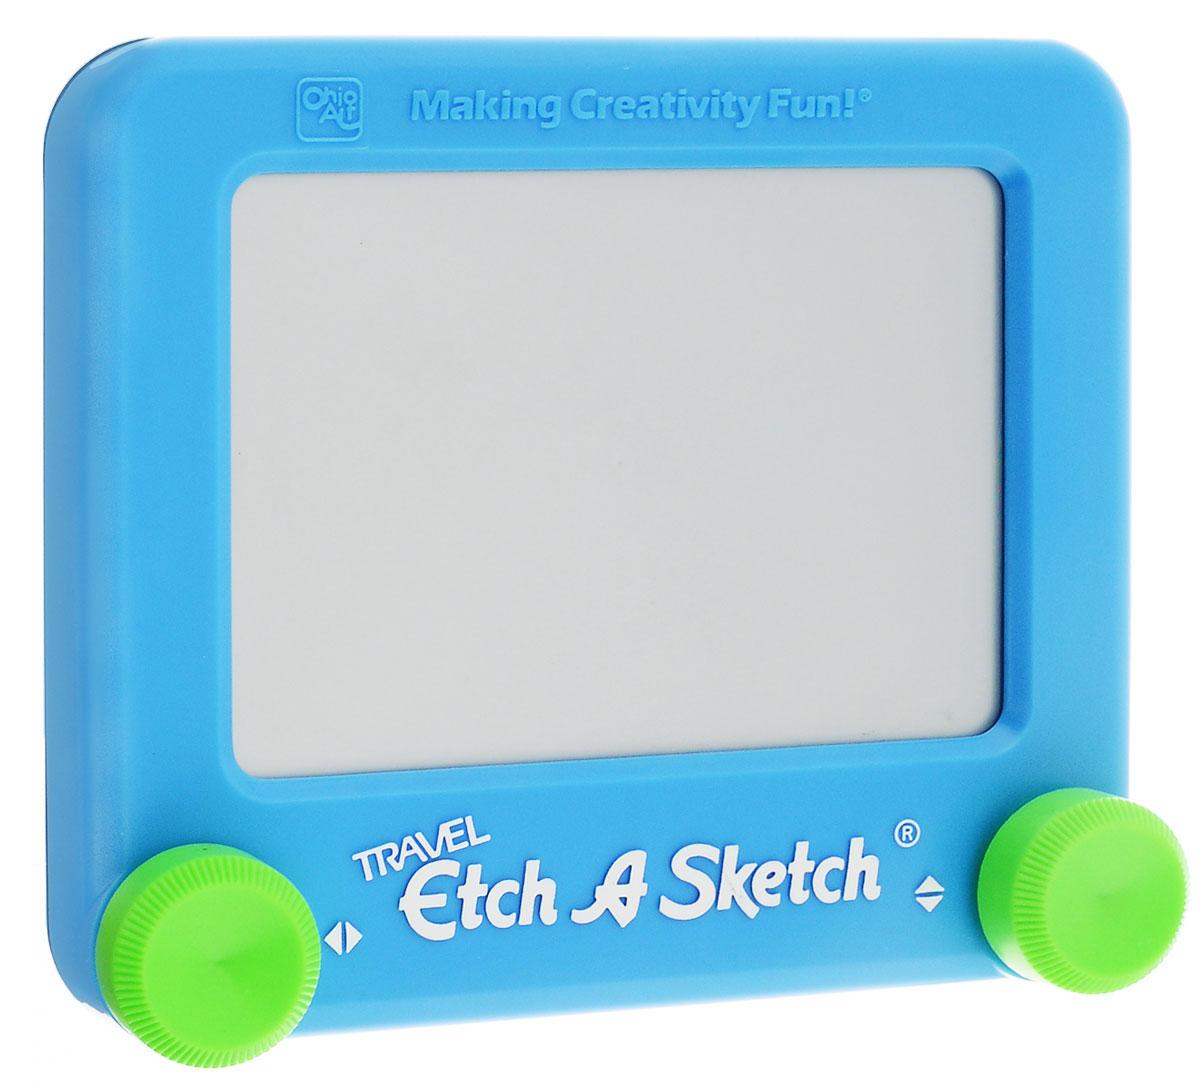 Etch-A-Sketch Игрушка развивающая Волшебный экран цвет голубой55590_голубойРазвивающая игрушка Волшебный экран непременно понравится вашему ребенку и станет для него любимой игрушкой. Волшебный экран поможет ребенку создавать рисунки одной линией, посредством вращения двух круглых ручек, расположенных в нижних углах (одна из них перемещает указатель по вертикали, а другая по горизонтали). Самым сложным считается рисовать круглые объекты, волнистые линии и плавные изгибы. Внутри экрана находится специальный порошок, который счищает тонкий указатель с внутренней поверхности экрана, оставляя за собой темную линию. Для того чтобы стереть свой рисунок, достаточно просто перевернуть экран вниз и потрясти, и он снова станет серым, при этом указатель начнет чертить ровно из той точки, где закончился предыдущий рисунок. Компактный размер экрана позволяет брать его с собой в дорогу.